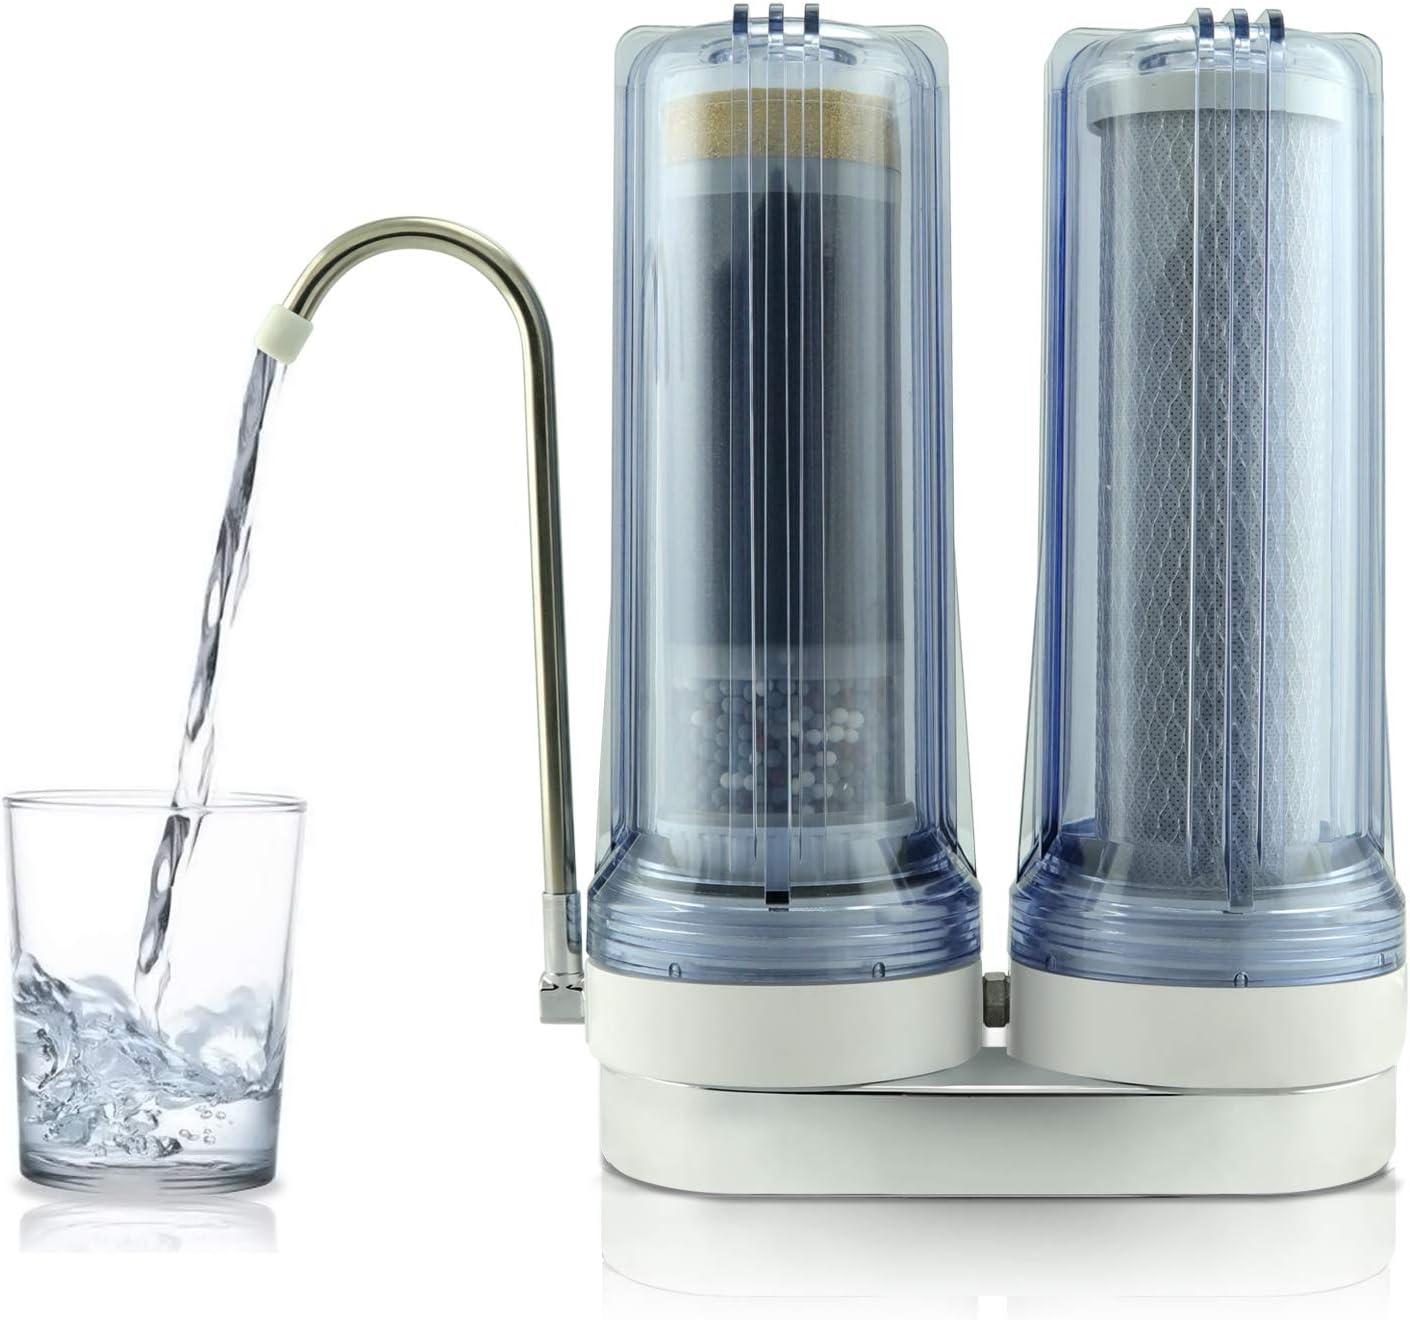 Apex. Exprt MR-2050 - Filtro de agua potable con doble encimera, 0,5 bloque de carbono y 5 etapas de cartucho ...